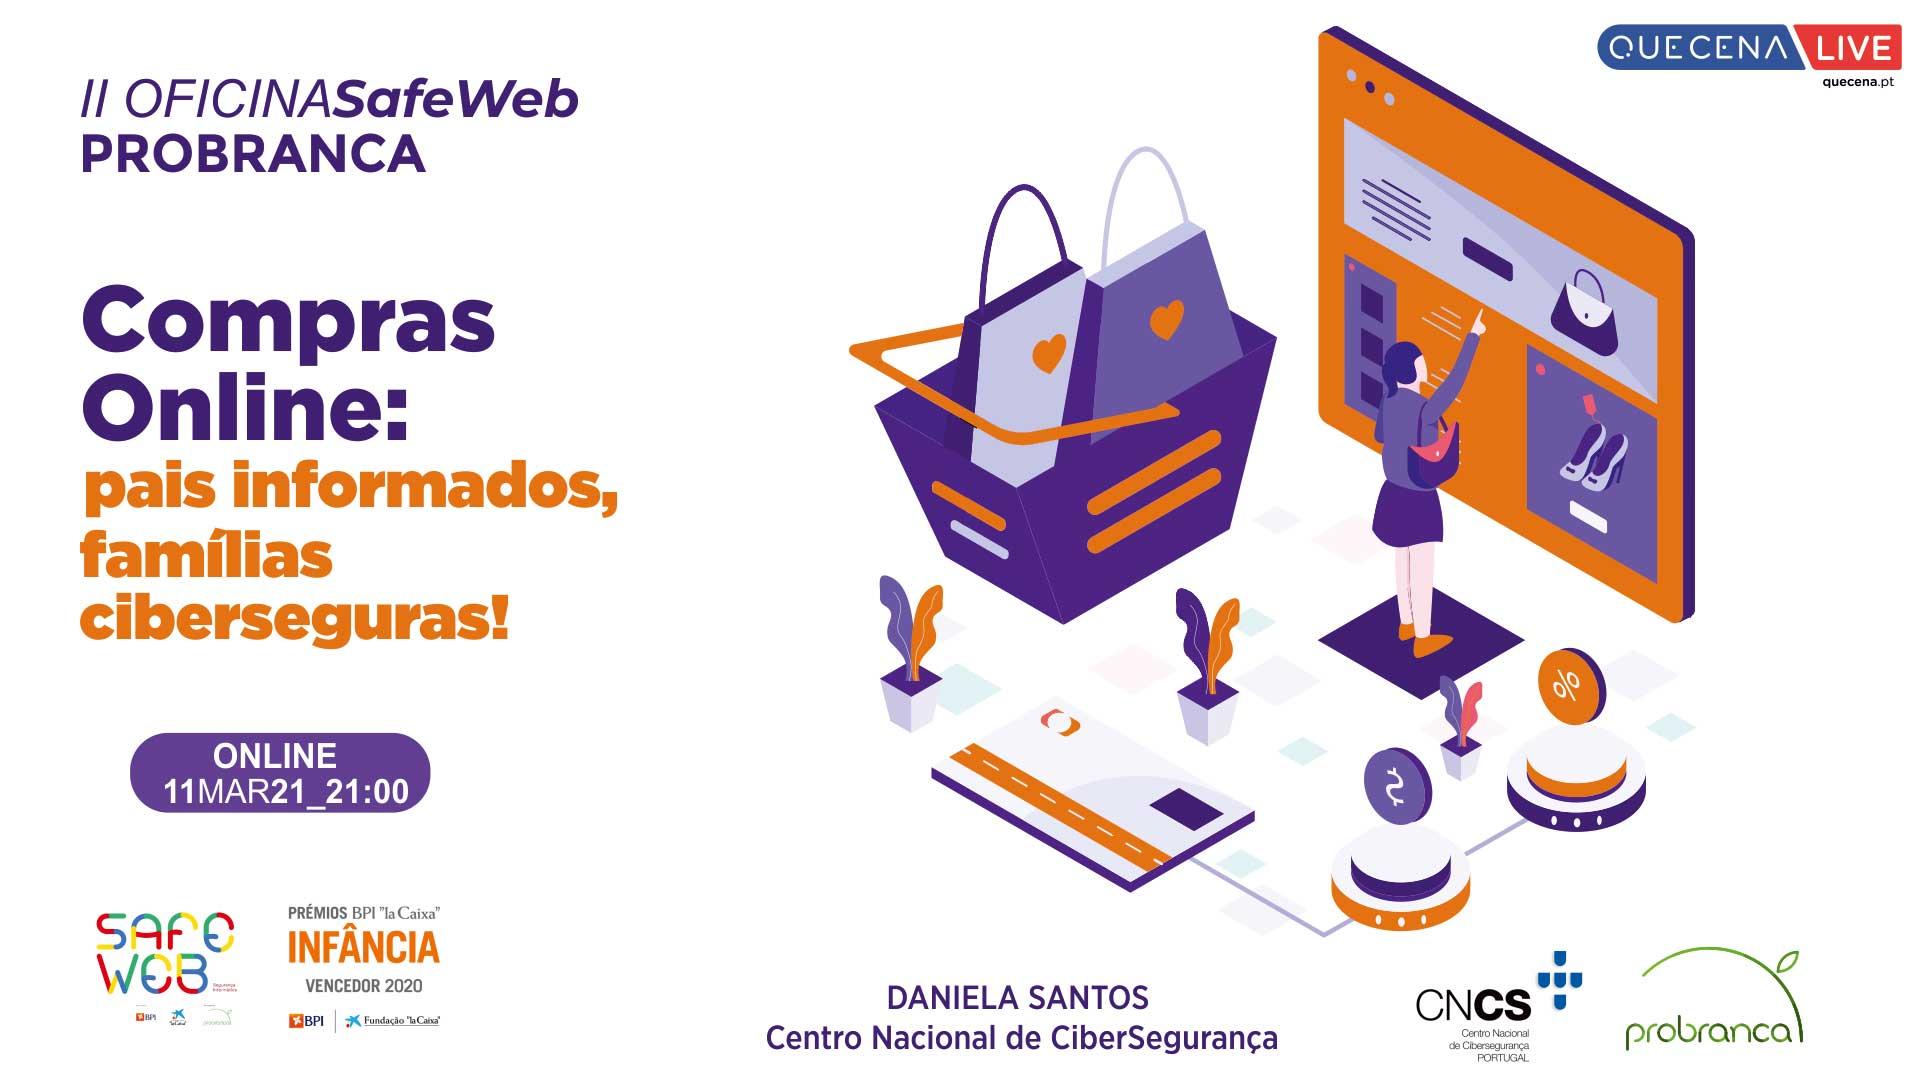 Probranca organiza formação sobre compras online